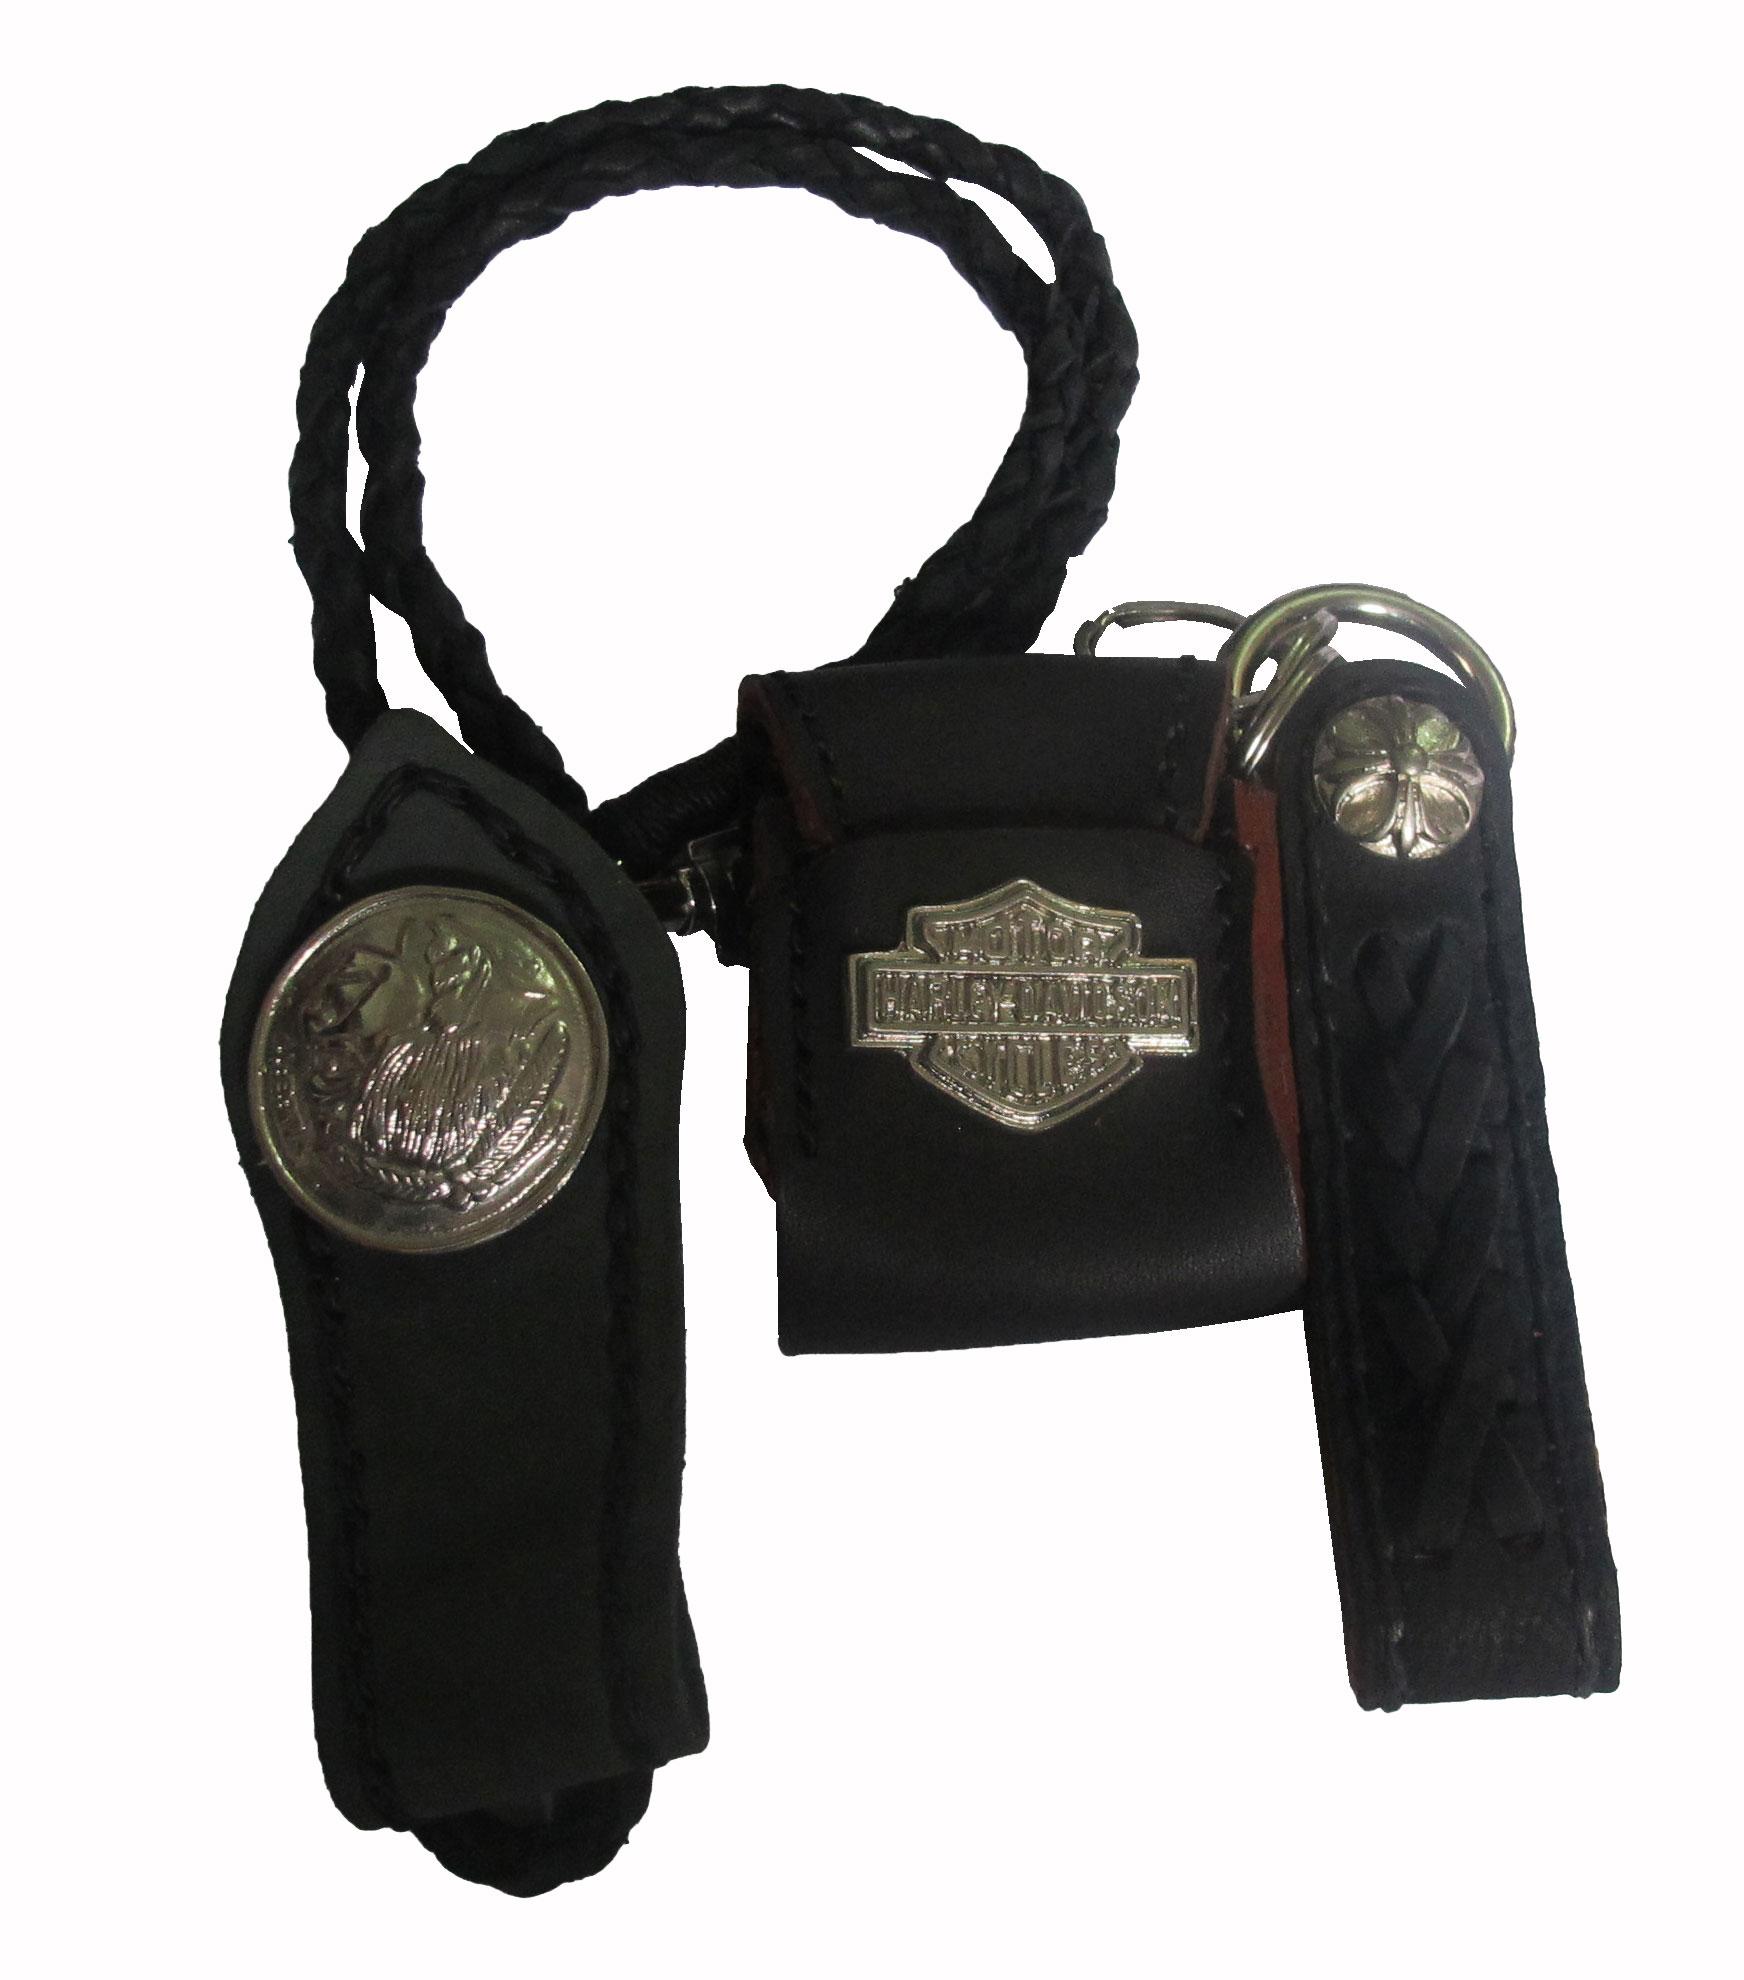 เชือกหนังถัก หนังวัวแท้ สำหรับ คล้องเข้ากับกระเป๋า และหูกางเกง สุดเท่ห์ สำหรับ ที่ใส่ไฟเช็ค และZippo